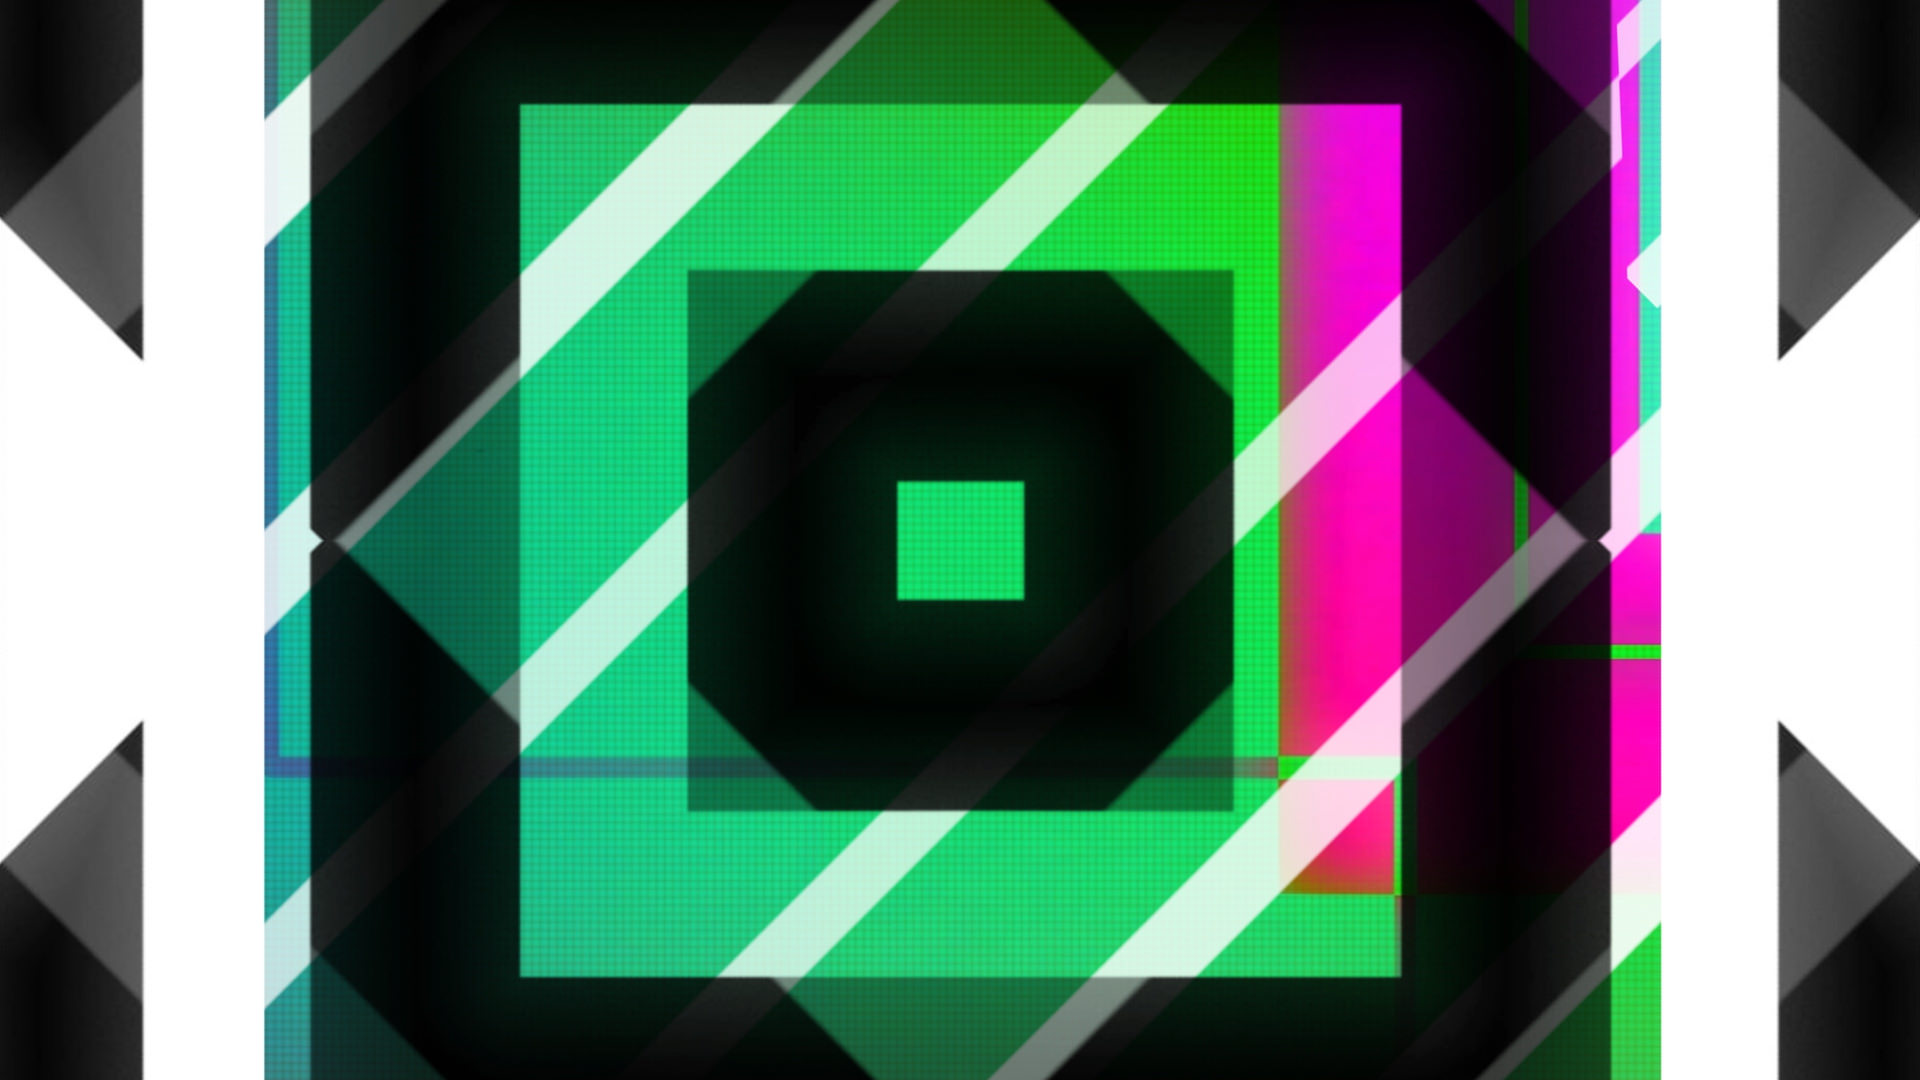 LH_Logo Reveal A_LogoWall_v03.00_02_00_24.Still047.jpg